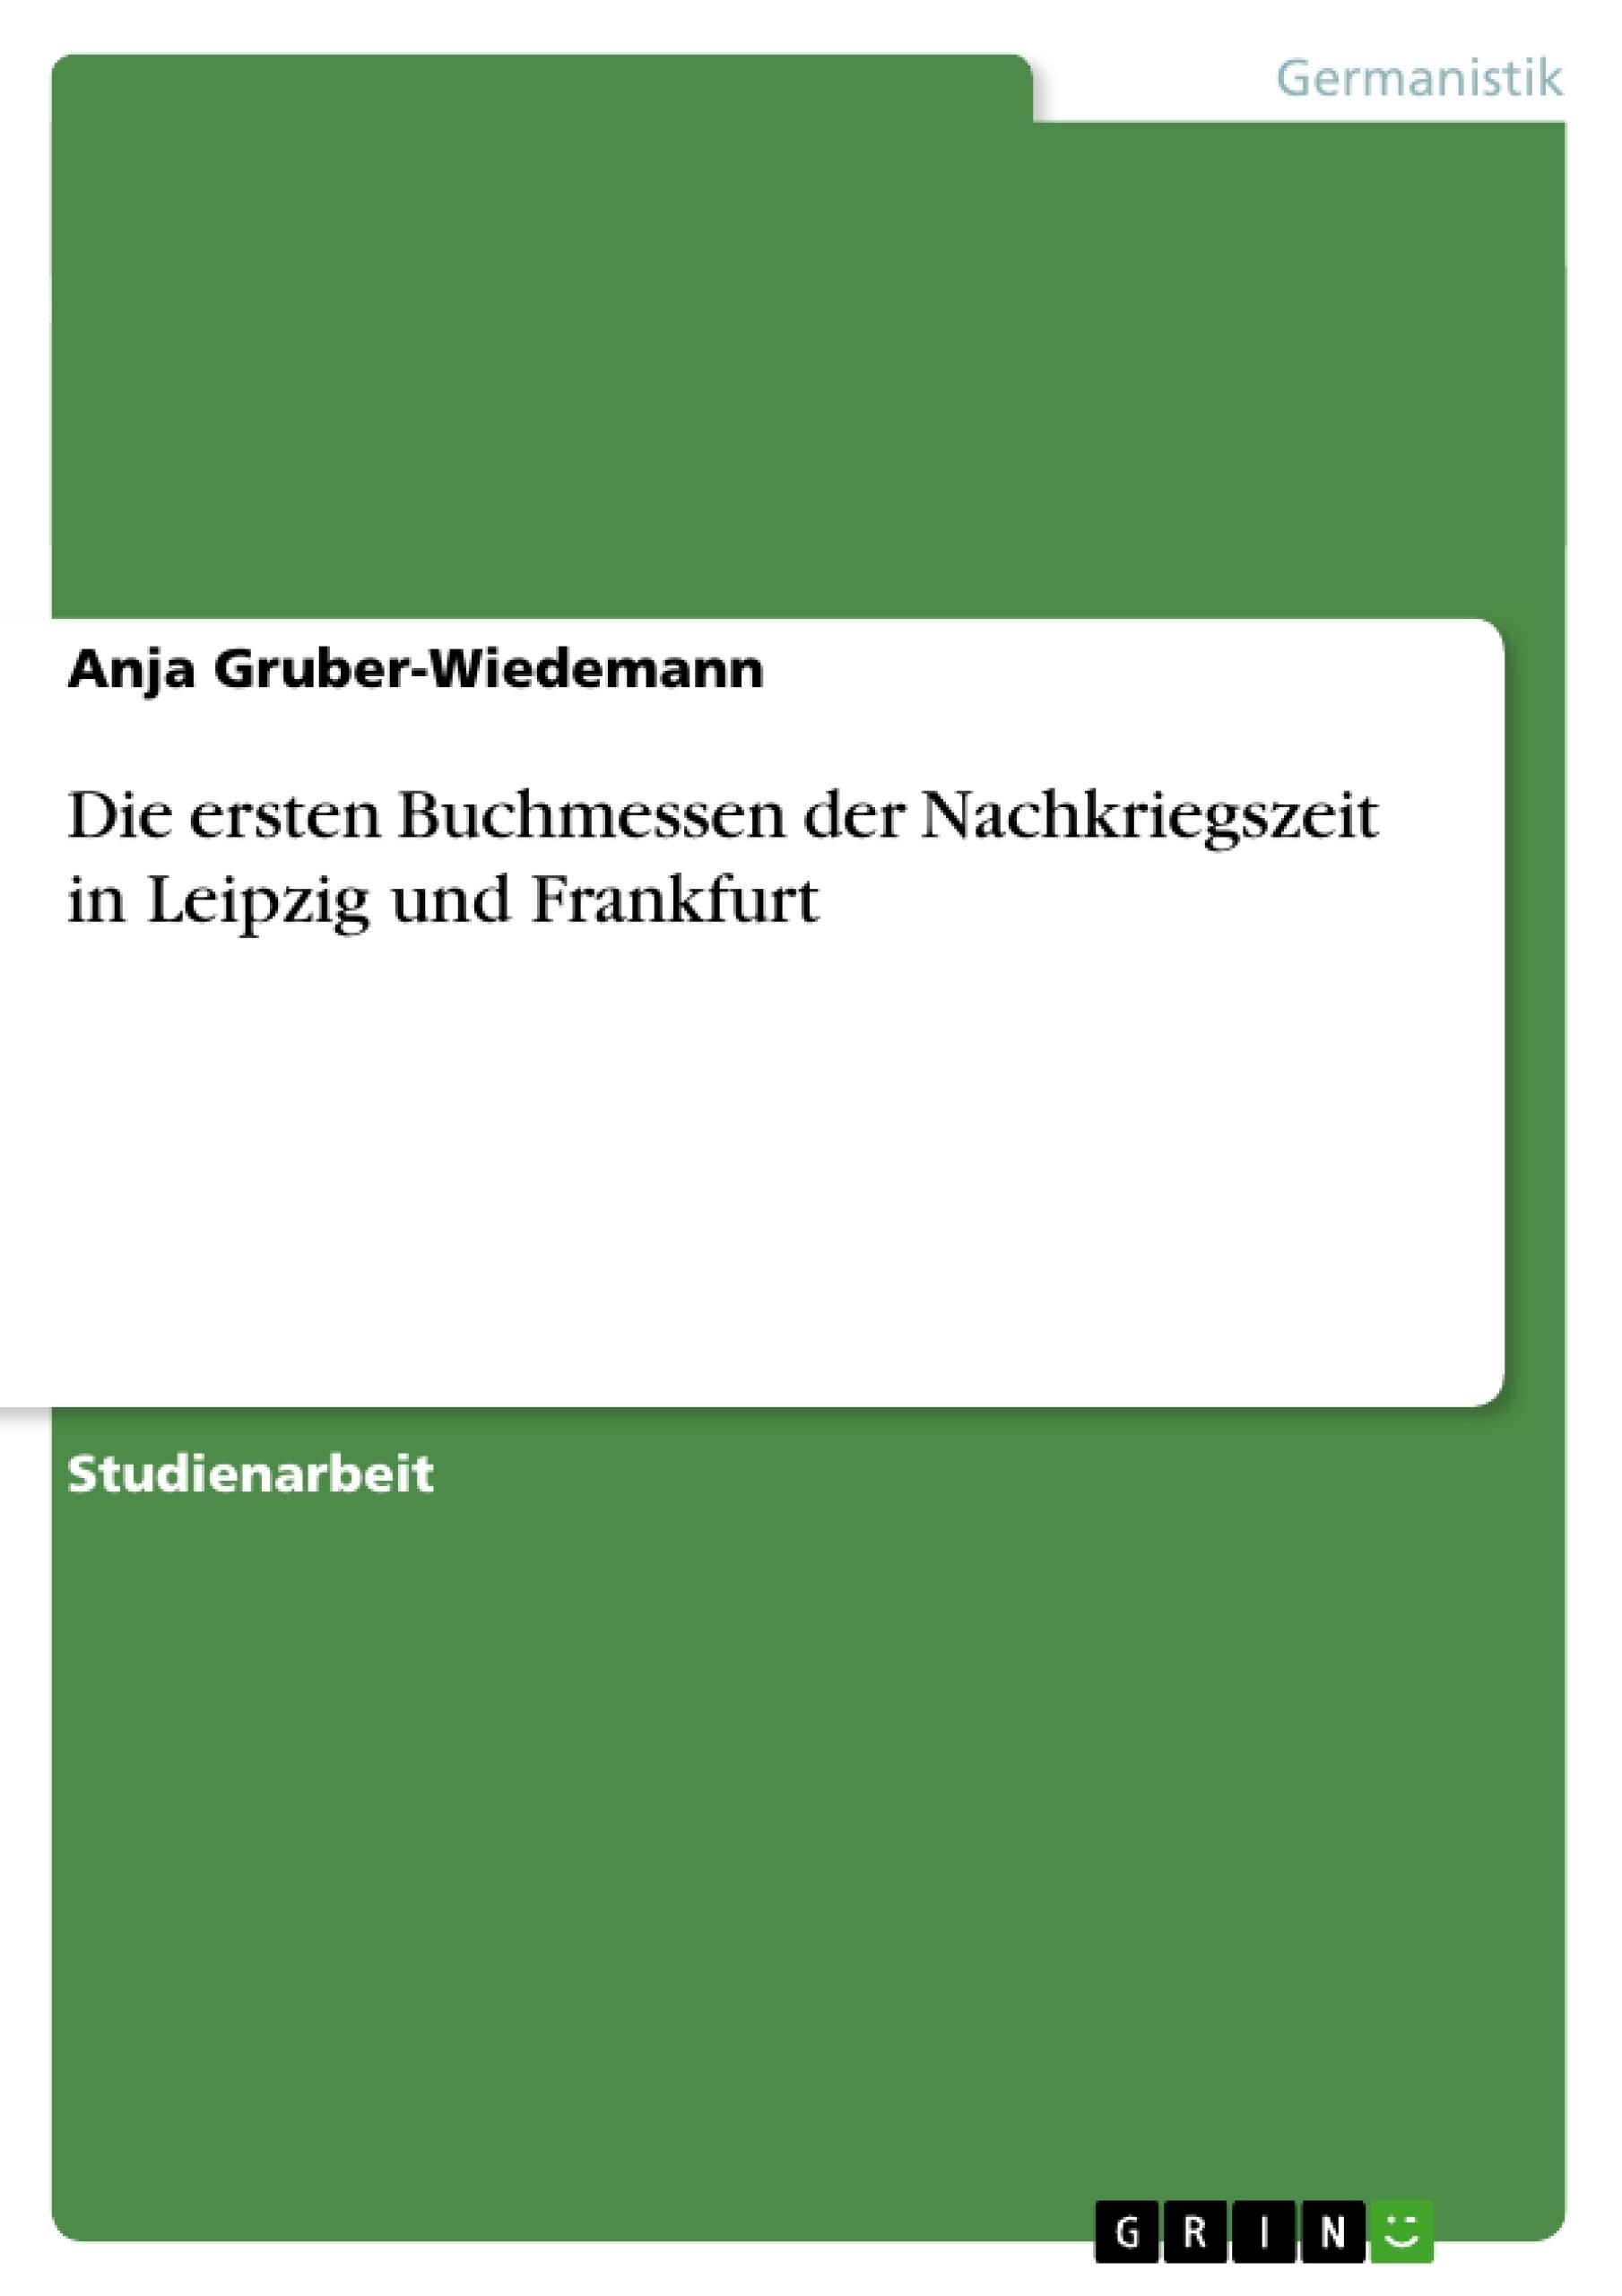 Titel: Die ersten Buchmessen der Nachkriegszeit in Leipzig und Frankfurt